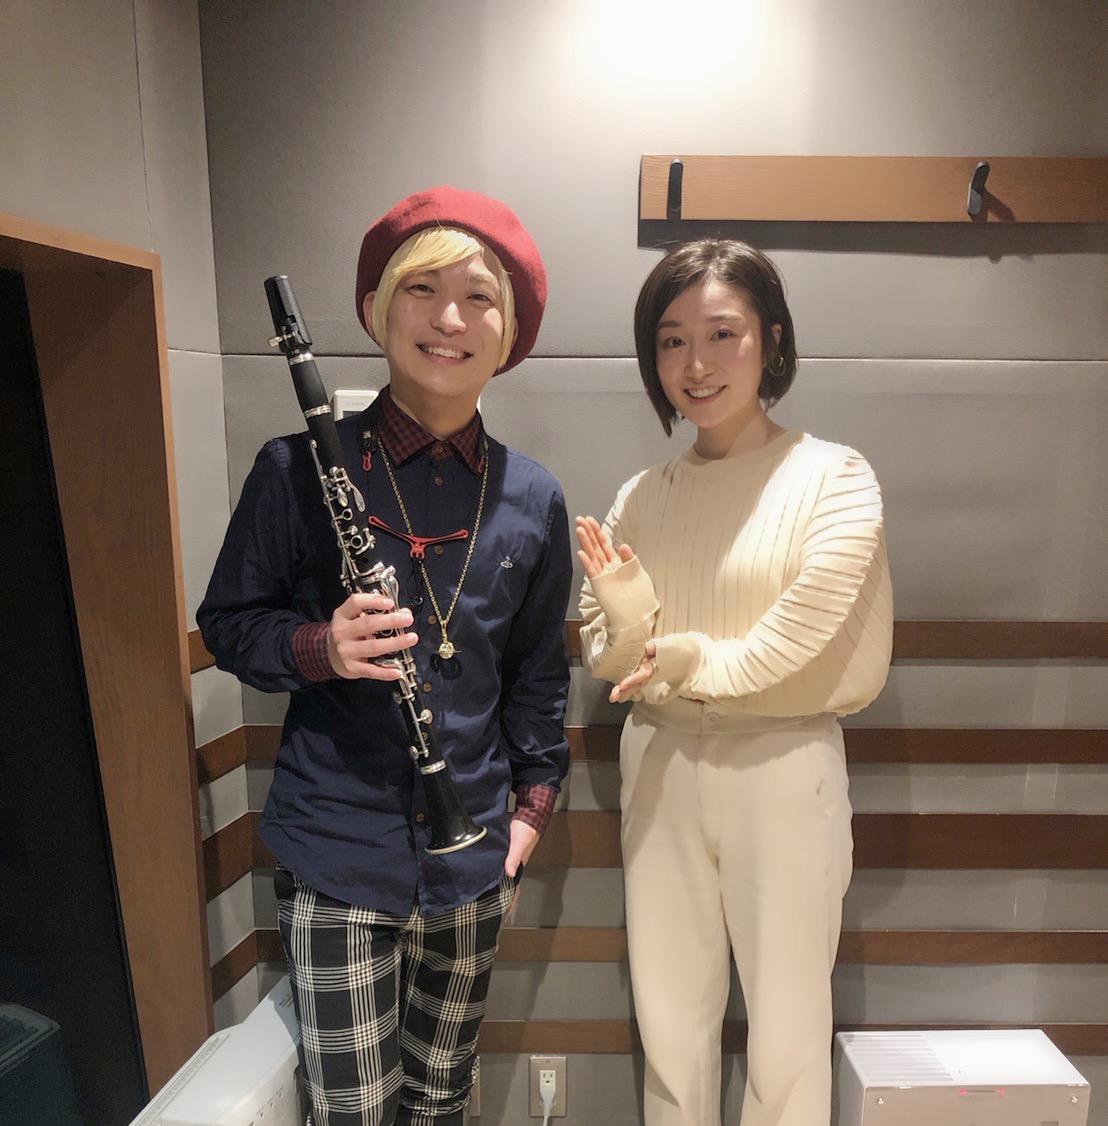 「オヒル ノオト」今日は、サックス、クラリネット奏者の辻本美博さん( @tsuujiimot)をお迎えしました。ありがとうございました!♬2/24にクラリネット奏者としてのデビュー作品『Vermilion』がリリースされます!詳細はこちら!⇒#otonote